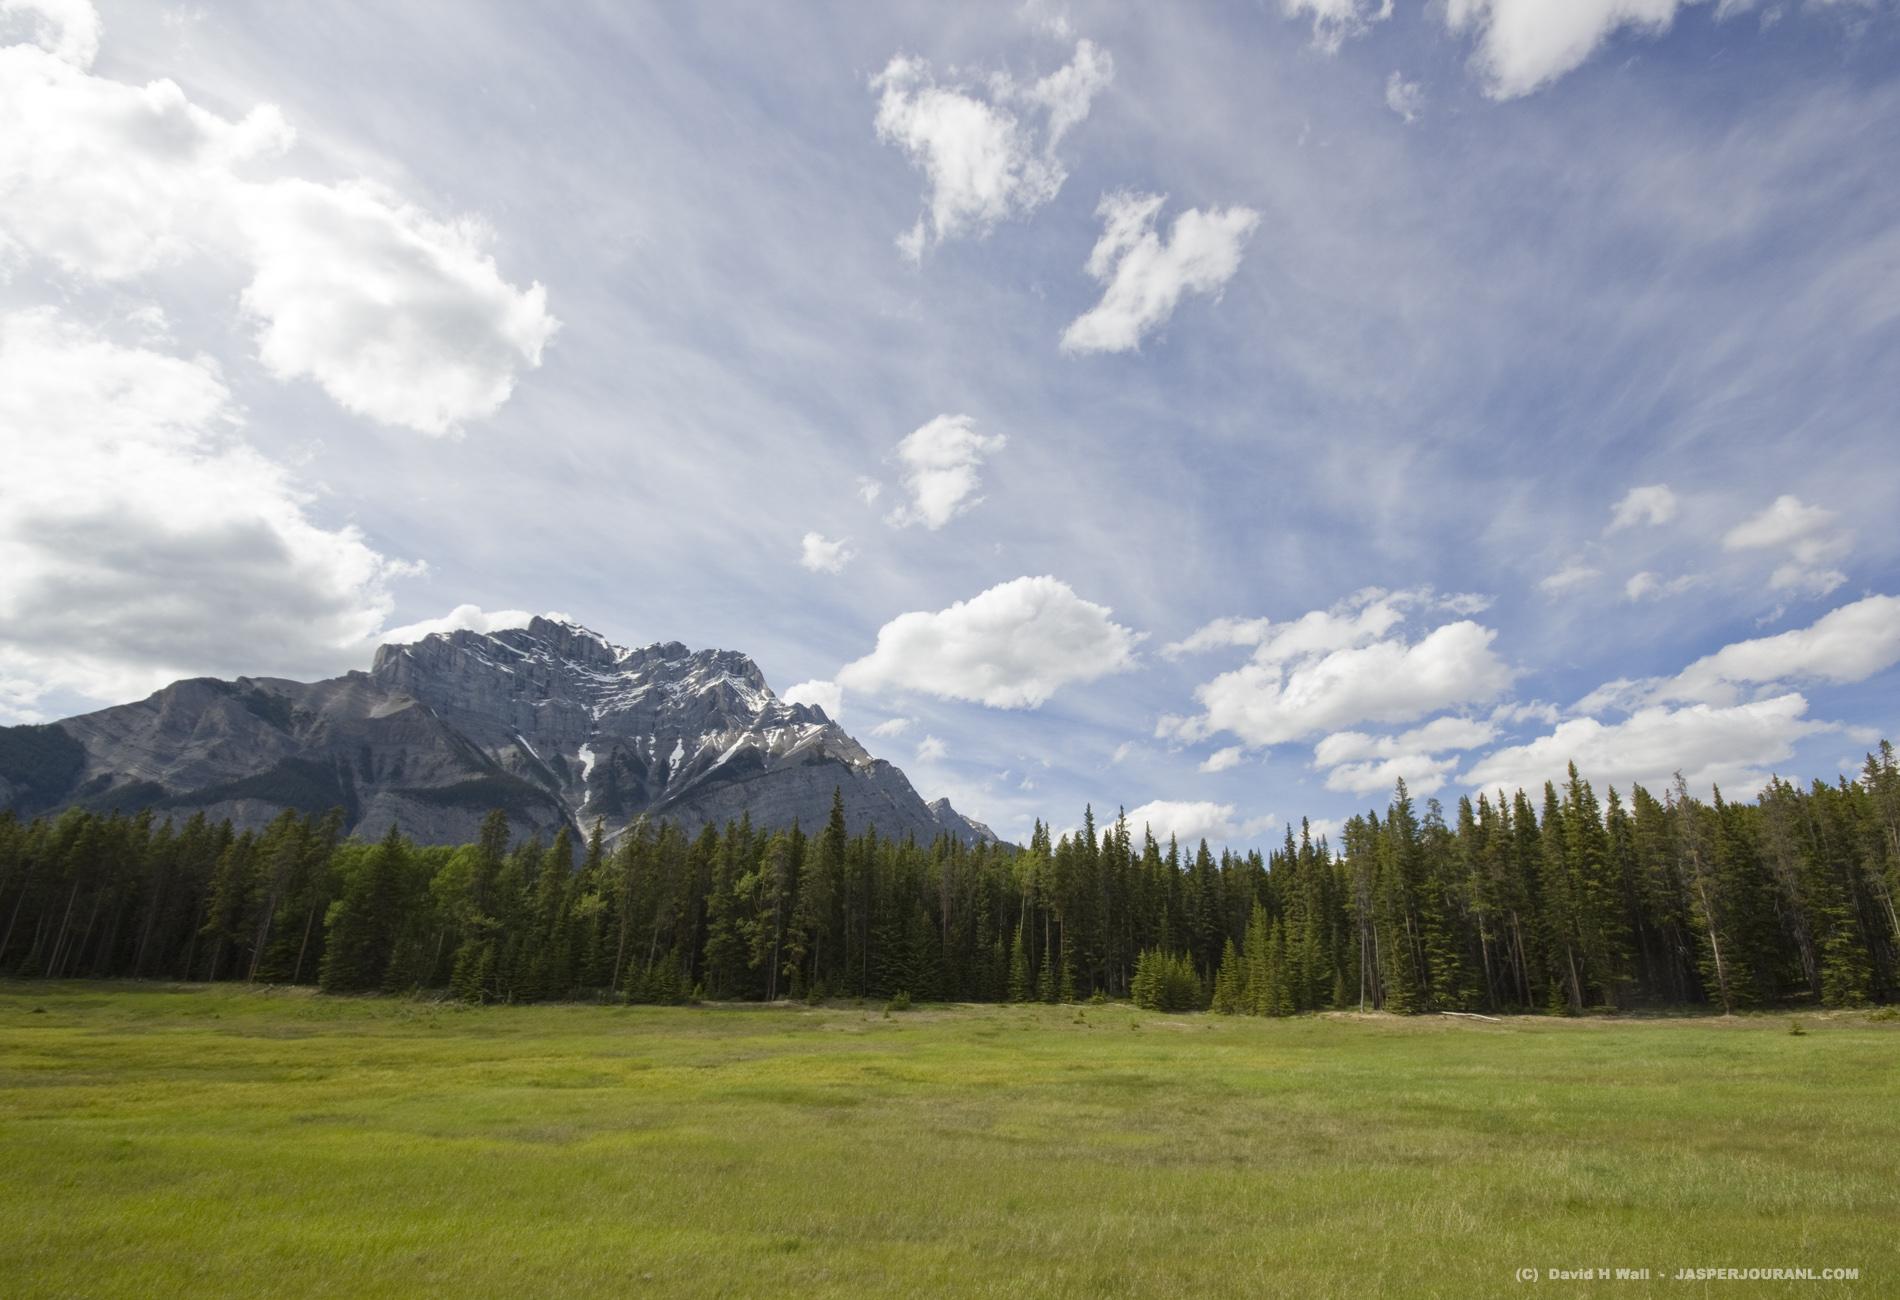 Desktop Wallpaper Banff National Park Jasper National Park 1900x1300